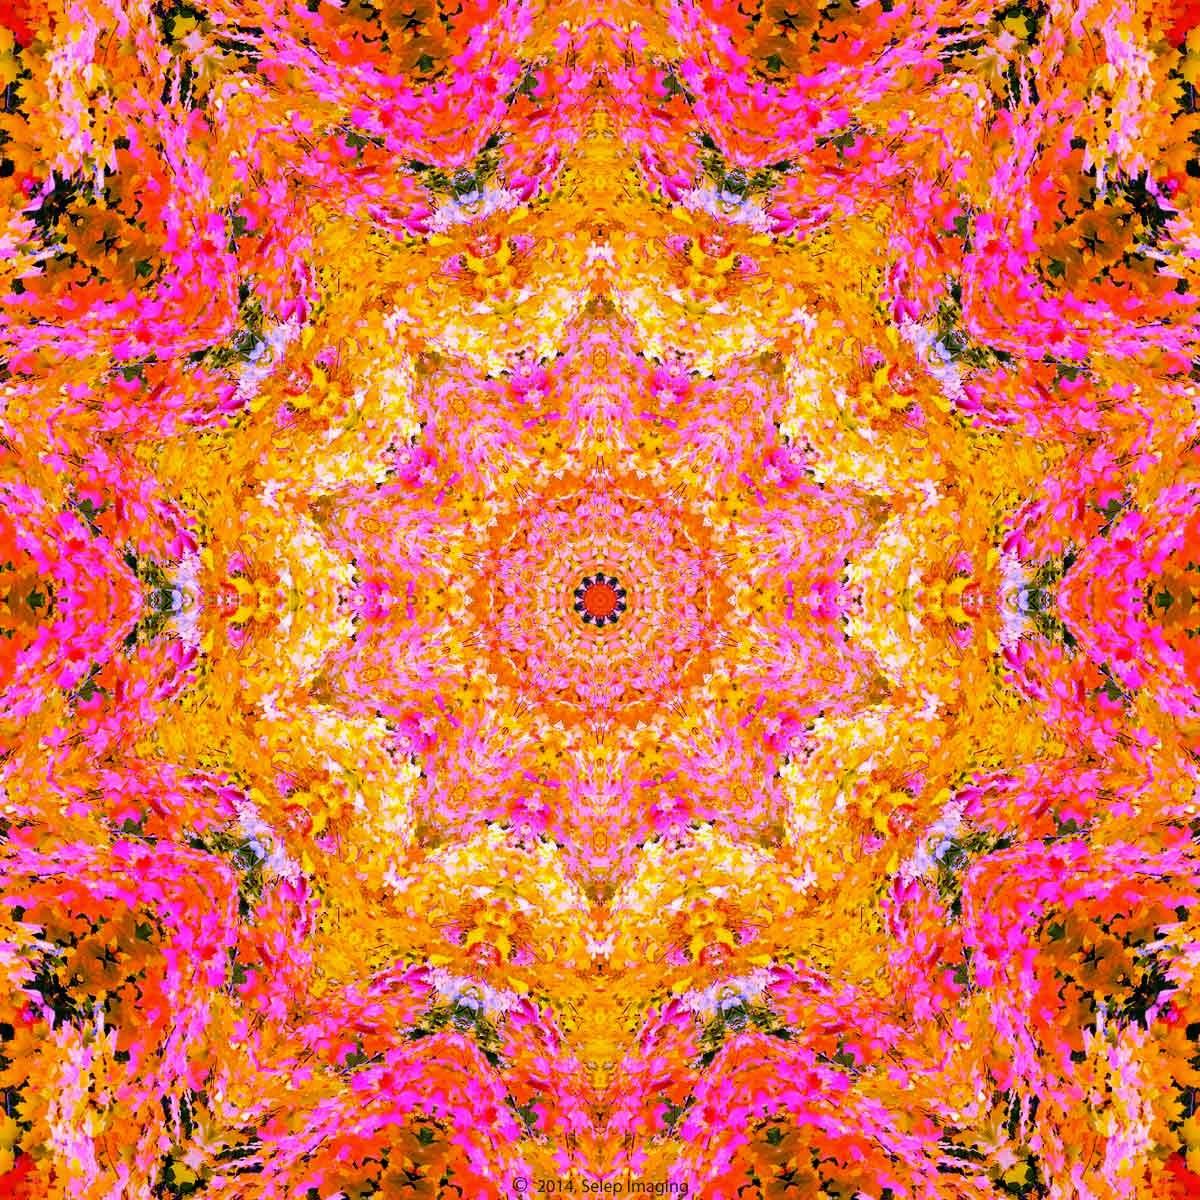 Kaleidoscope desktop background by Jeanne Selep